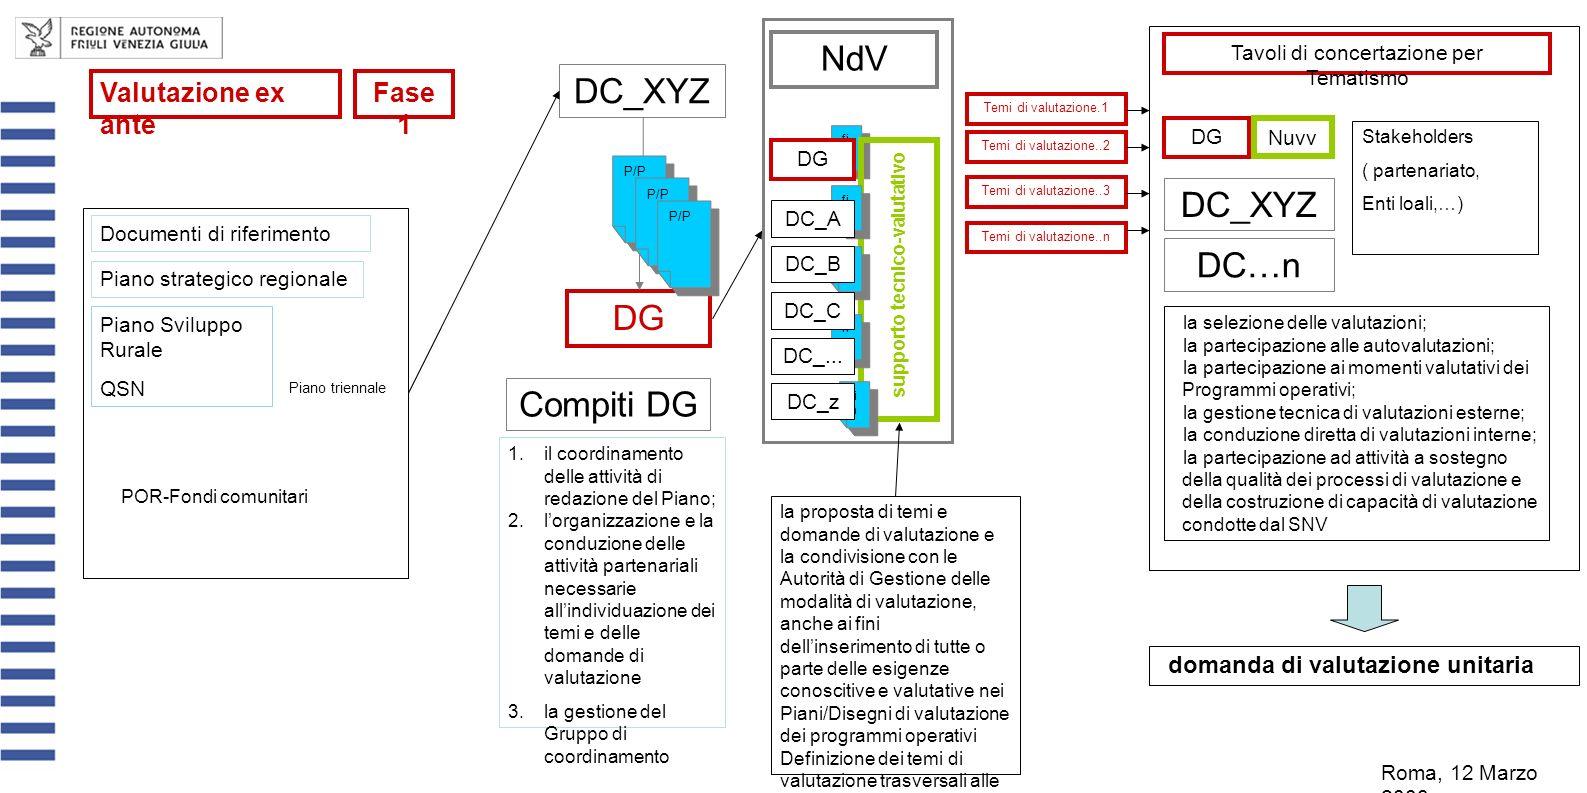 Compiti DG DC_XYZ DG fi n P/P NdV 1.il coordinamento delle attività di redazione del Piano; 2.lorganizzazione e la conduzione delle attività partenariali necessarie allindividuazione dei temi e delle domande di valutazione 3.la gestione del Gruppo di coordinamento supporto tecnico-valutativo fi n DC_B DC_A DC_C DC_...